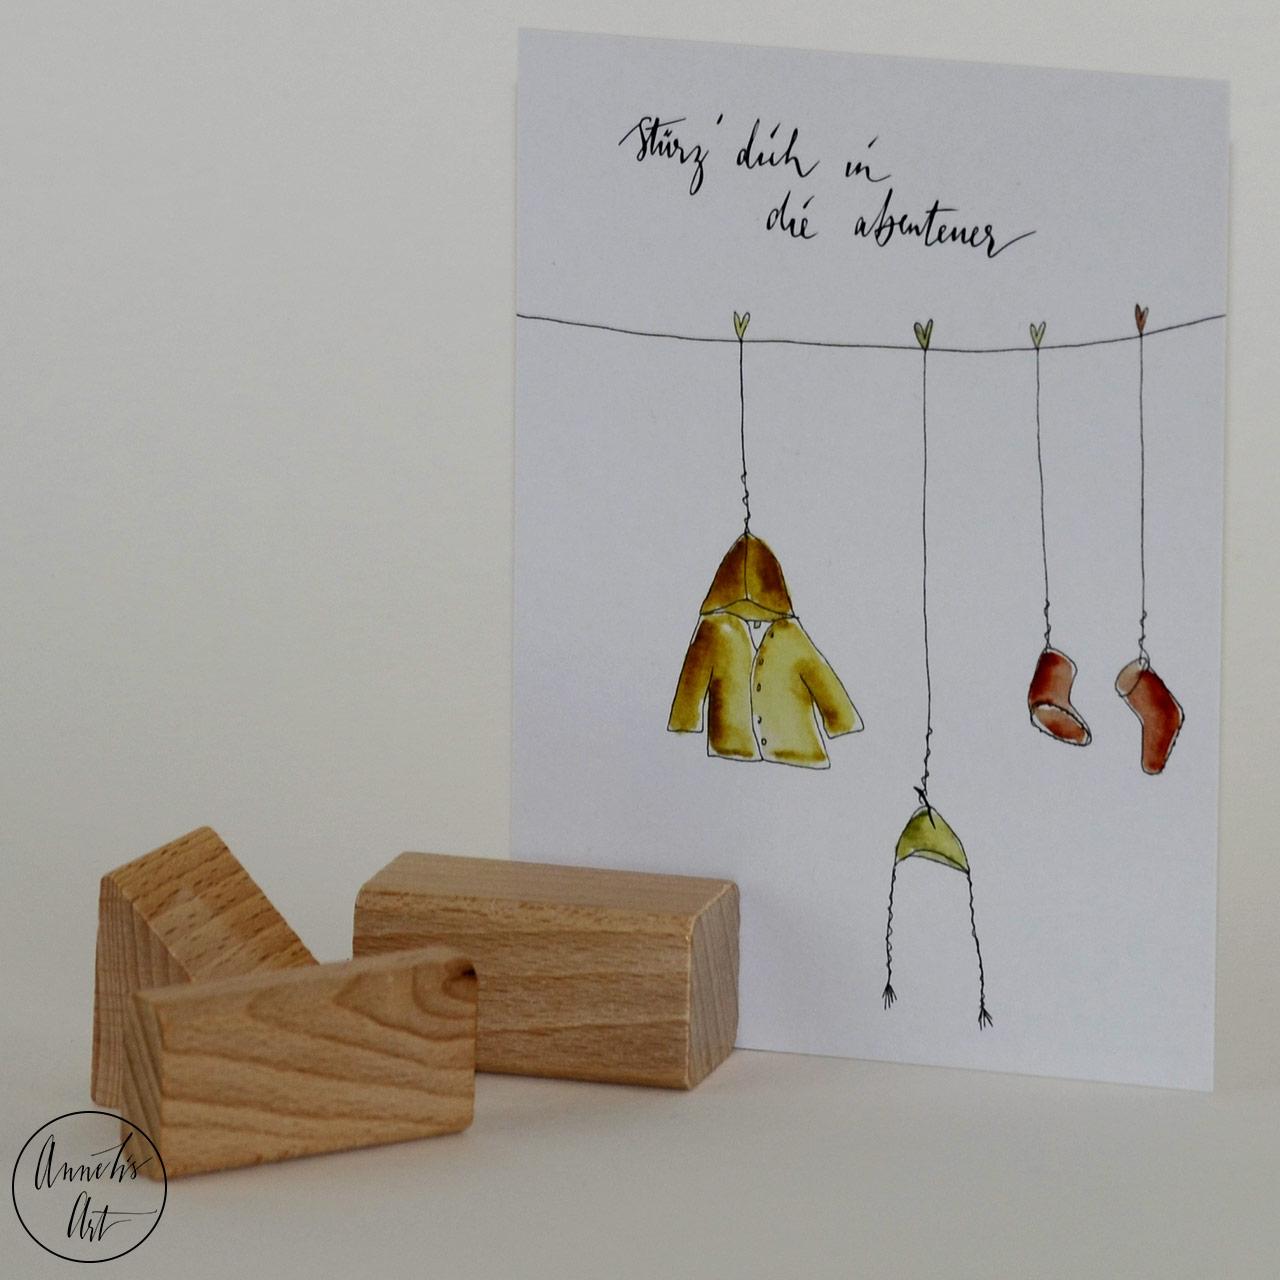 Postkarte zur Geburt | Grußkarte - Stürze dich in die Abenteuer